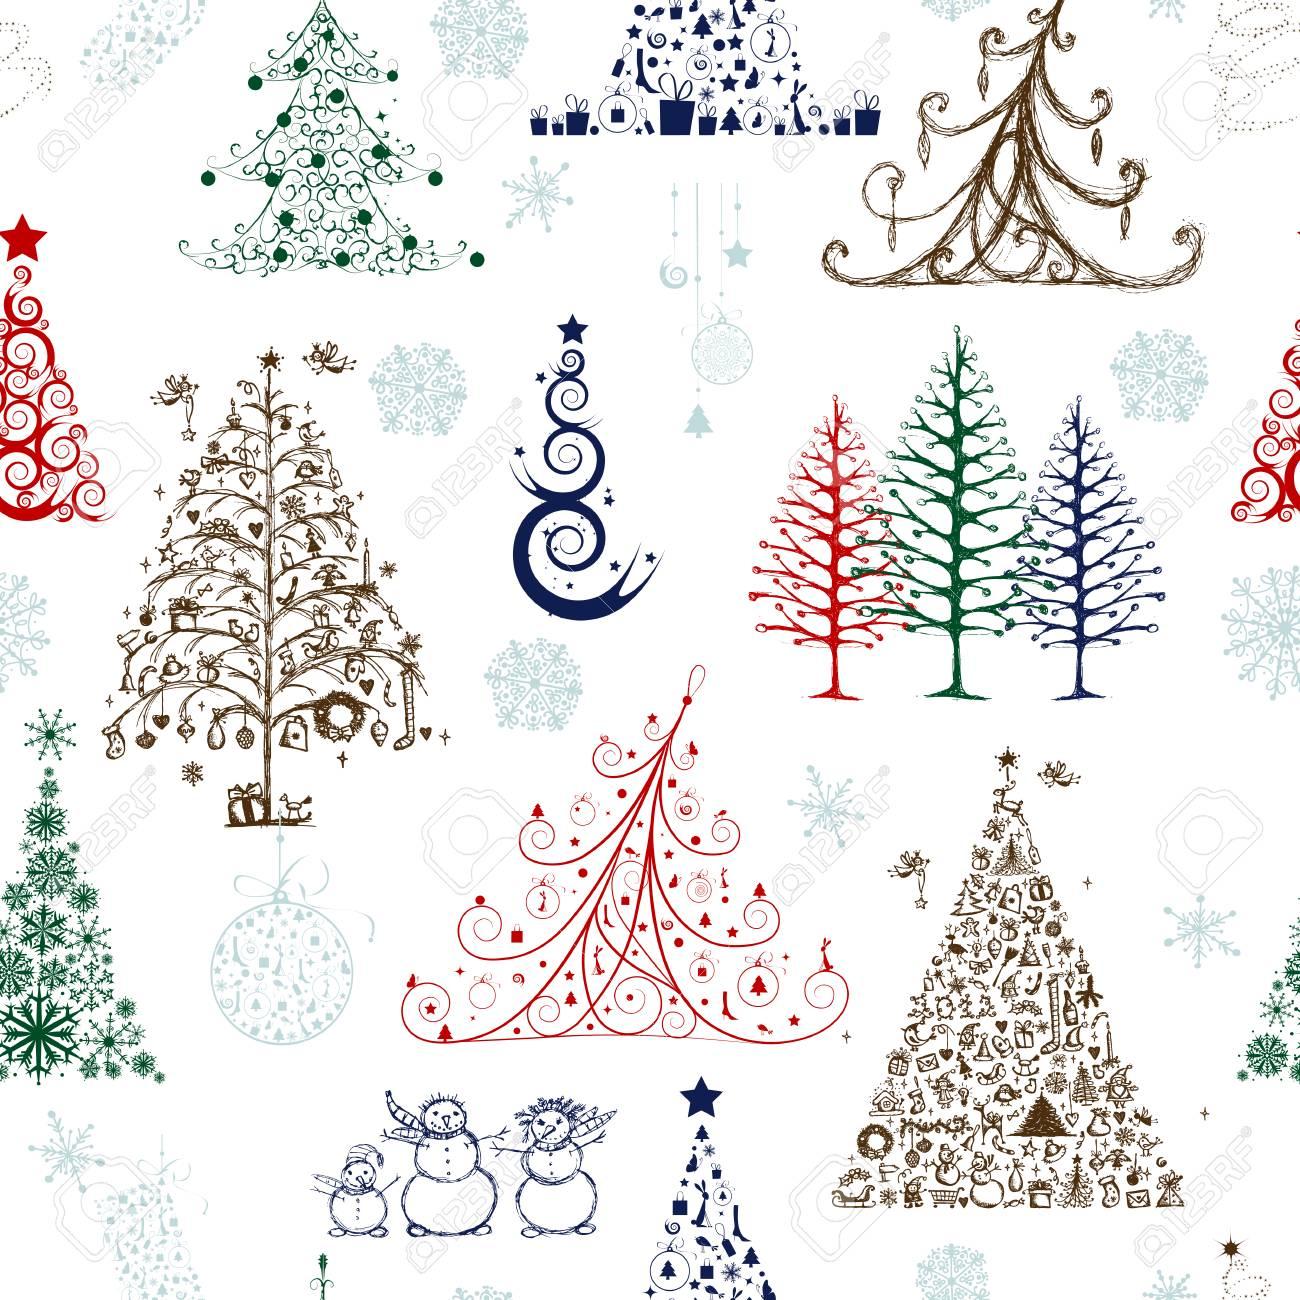 Disegni Di Natale Vettoriali.Alberi Di Natale Modello Senza Soluzione Di Continuita Per Il Vostro Disegno